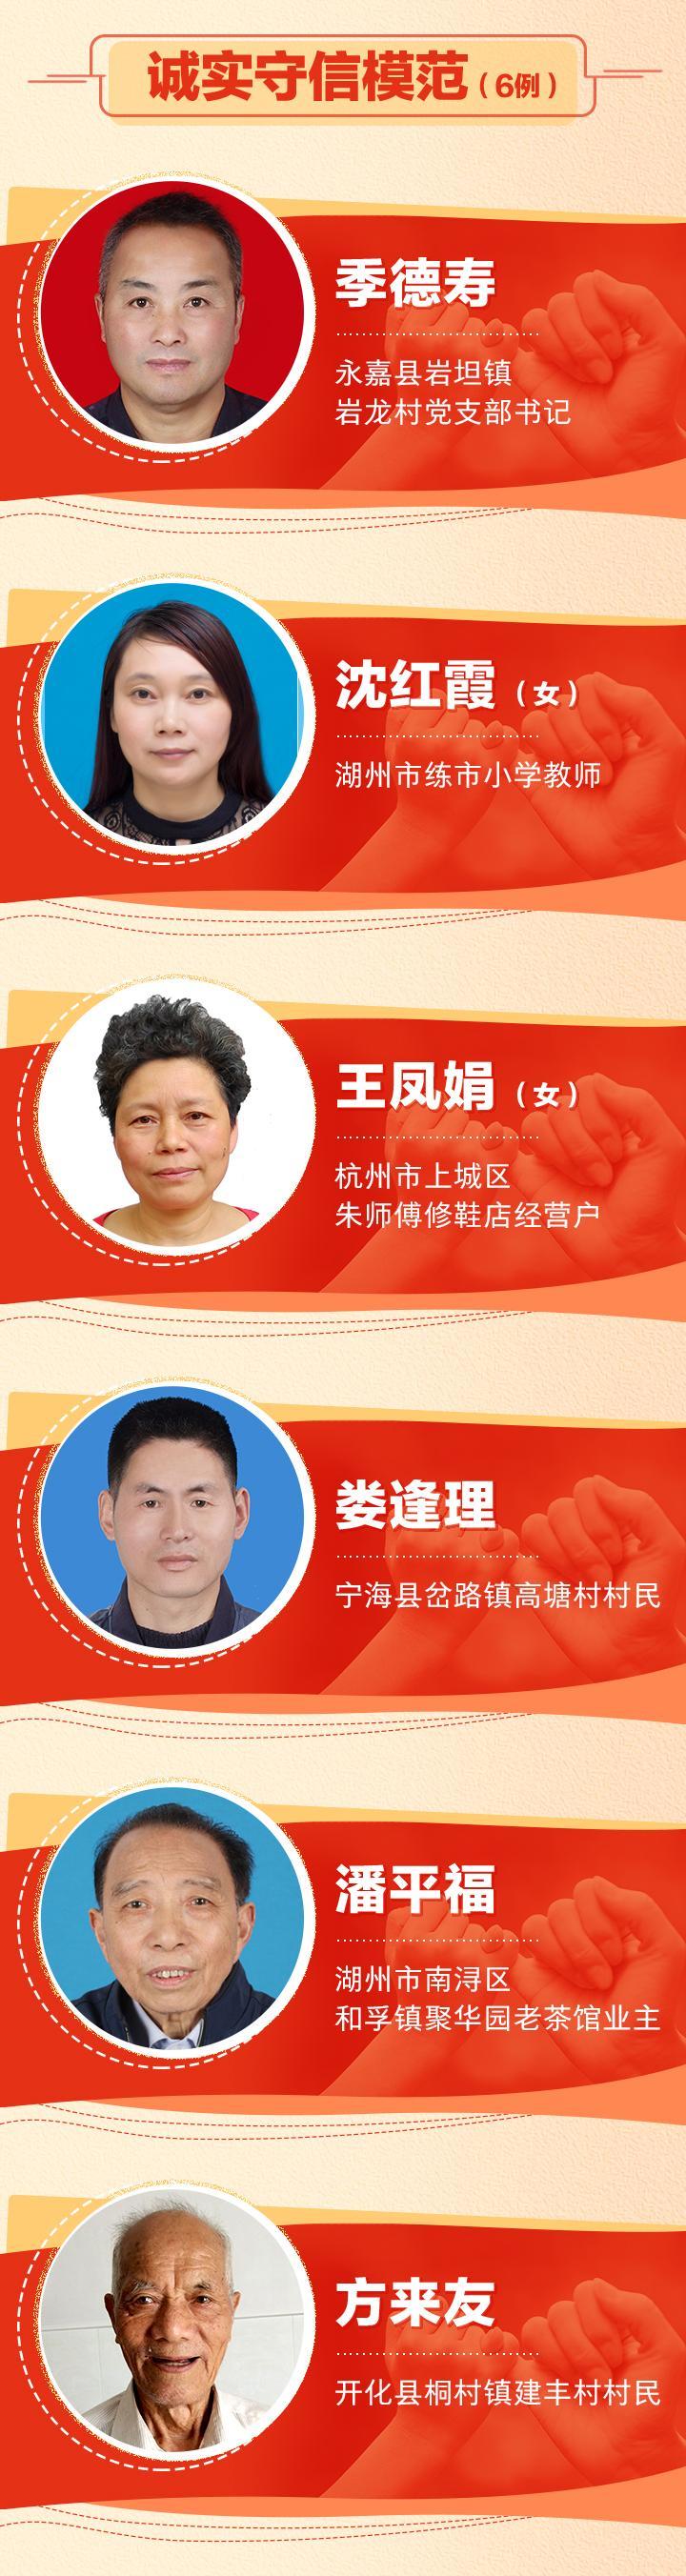 2019浙江省道德模范评选_04.jpg